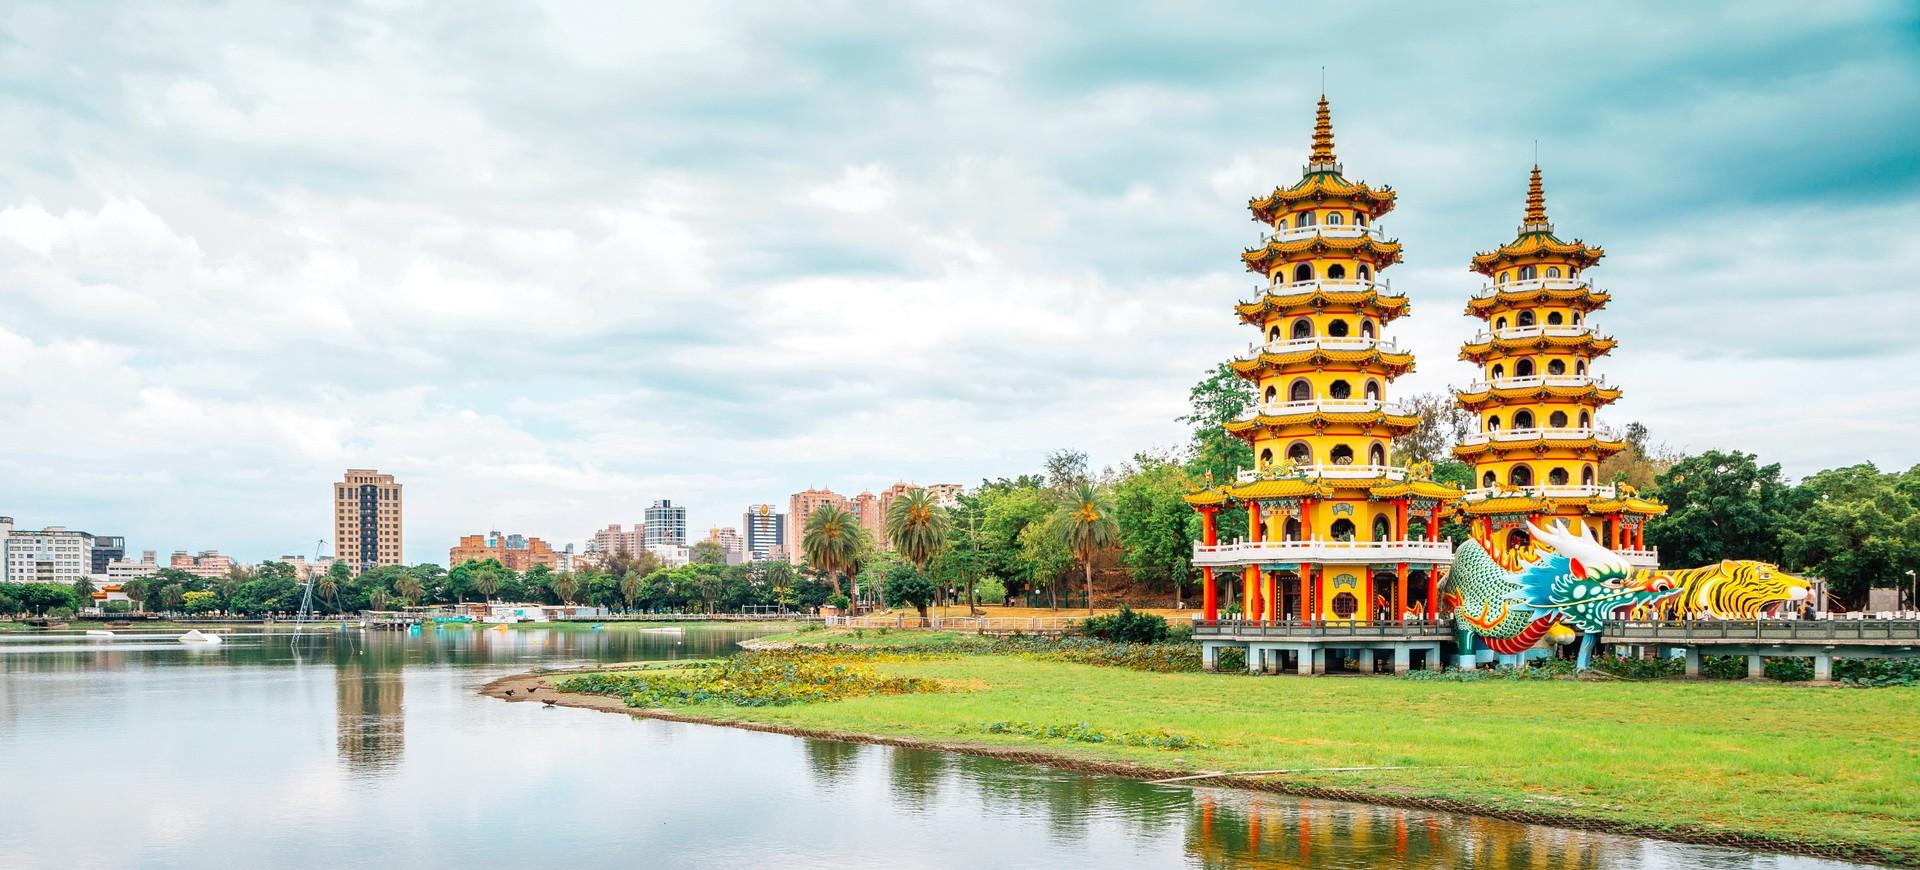 Tour du Dragon Tigre sur le lac Lotus à Kaohsiung à Taiwan